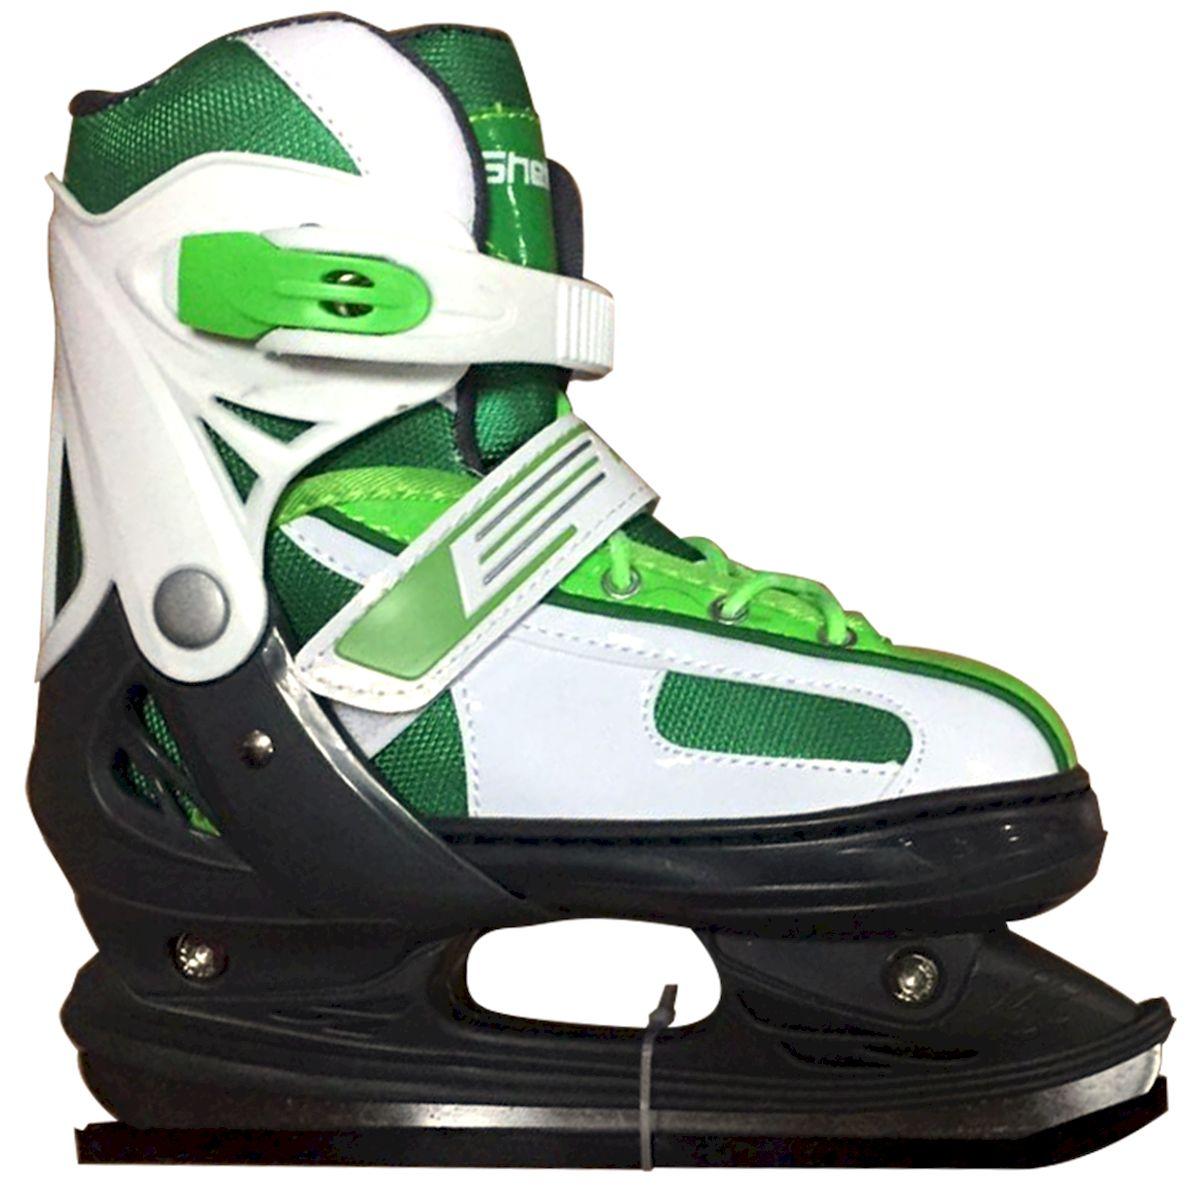 Коньки ледовые Ice Blade Shelby, раздвижные, цвет: черный, зеленый, белый. УТ-00009127. Размер S (30/33)SF 010Коньки раздвижные Shelby - это классические раздвижные коньки от известного бренда Ice Blade, которые предназначены для детей и подростков, а также для тех, кто делает первые шаги в катании на льду.Ботинок изготовлен из морозоустойчивого пластика. Внутренняя поверхность из мягкого и теплого текстиля обеспечивает комфорт во время движения. Лезвие выполнено из высокоуглеродистой стали с покрытием из никеля. Пластиковая клипса с фиксатором, хлястик на липучке и шнуровка надежно фиксируют голеностоп. Конструкция коньков позволяет быстро и точно изменять их размер. Яркий молодежный дизайн, теплый внутренний сапожок, удобная трехуровневая система фиксации ноги, легкая смена размера, надежная защита пятки и носка - все это бесспорные преимущества модели. Коньки поставляются с заводской заточкой лезвия, что позволяет сразу приступить к катанию и не тратить денег на заточку. Предназначены для использования на открытом и закрытом льду.